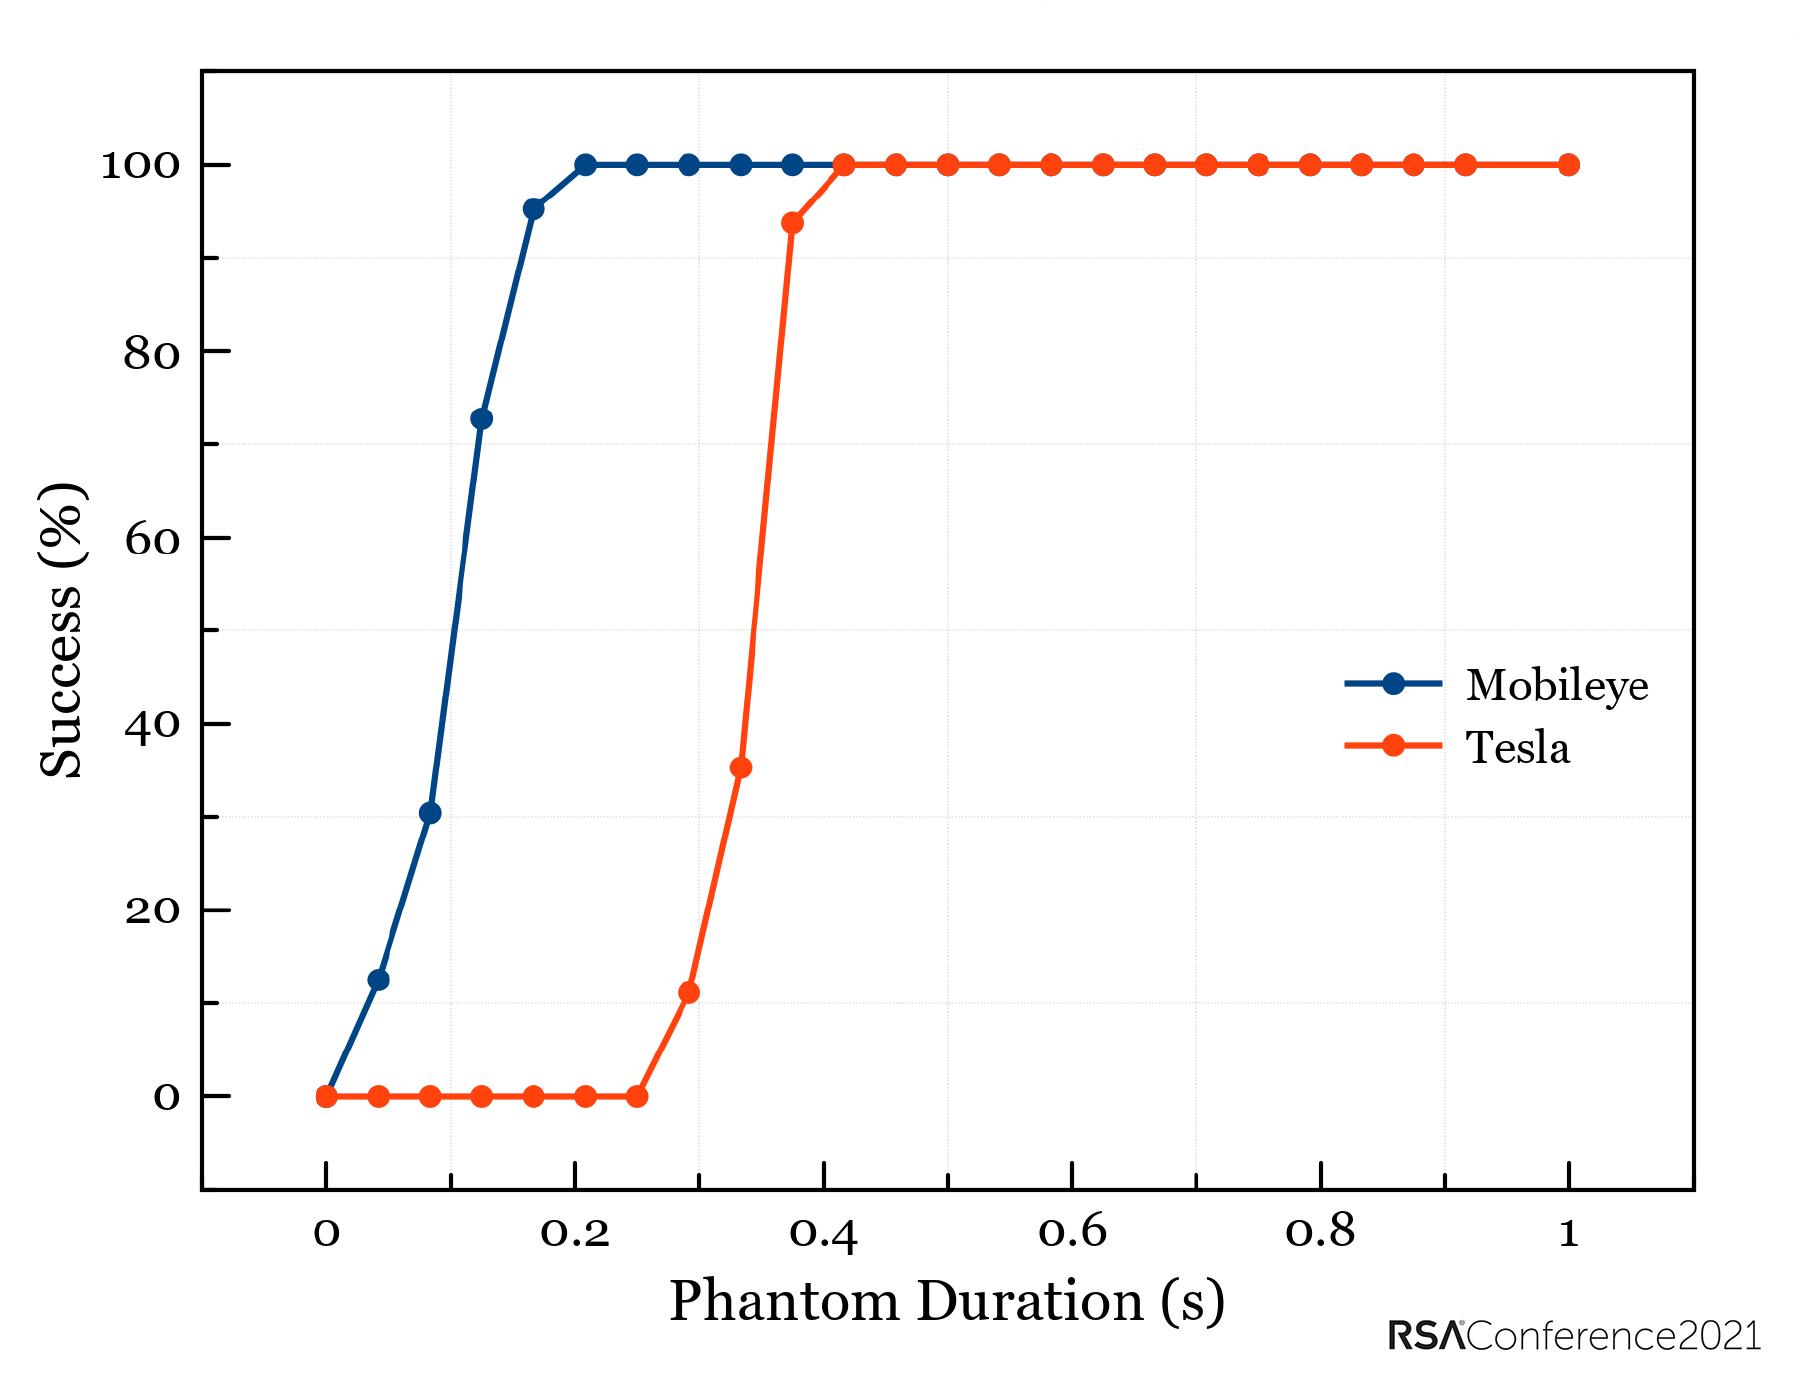 Reaktionszeit des Erkennungssystems von Tesla und Mobileye auf ein projiziertes Bild